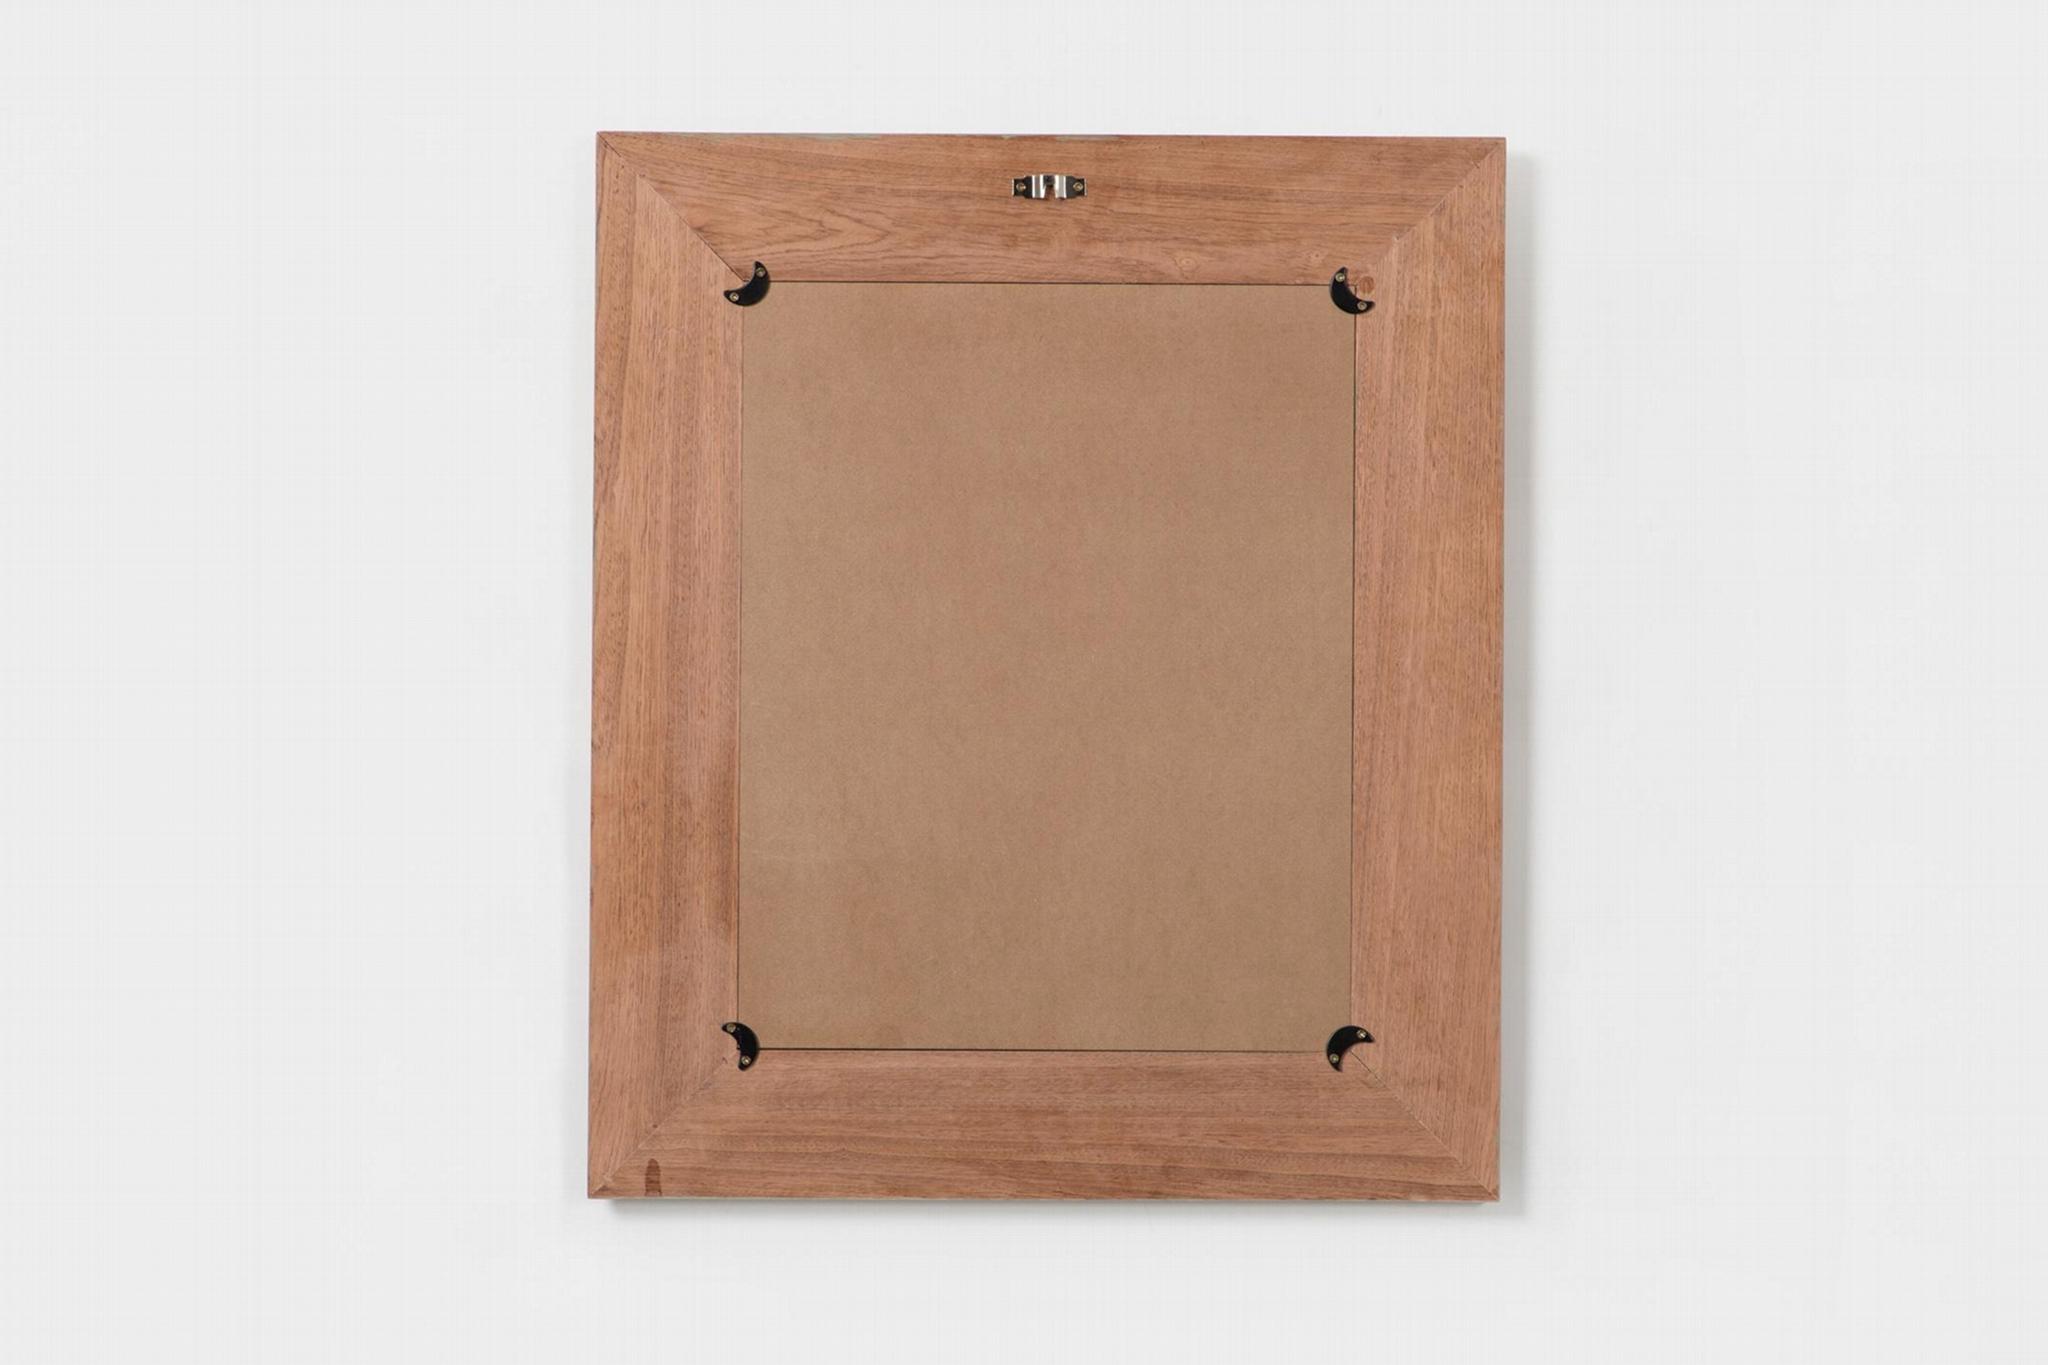 仙人掌相框实木相框北欧风格 4